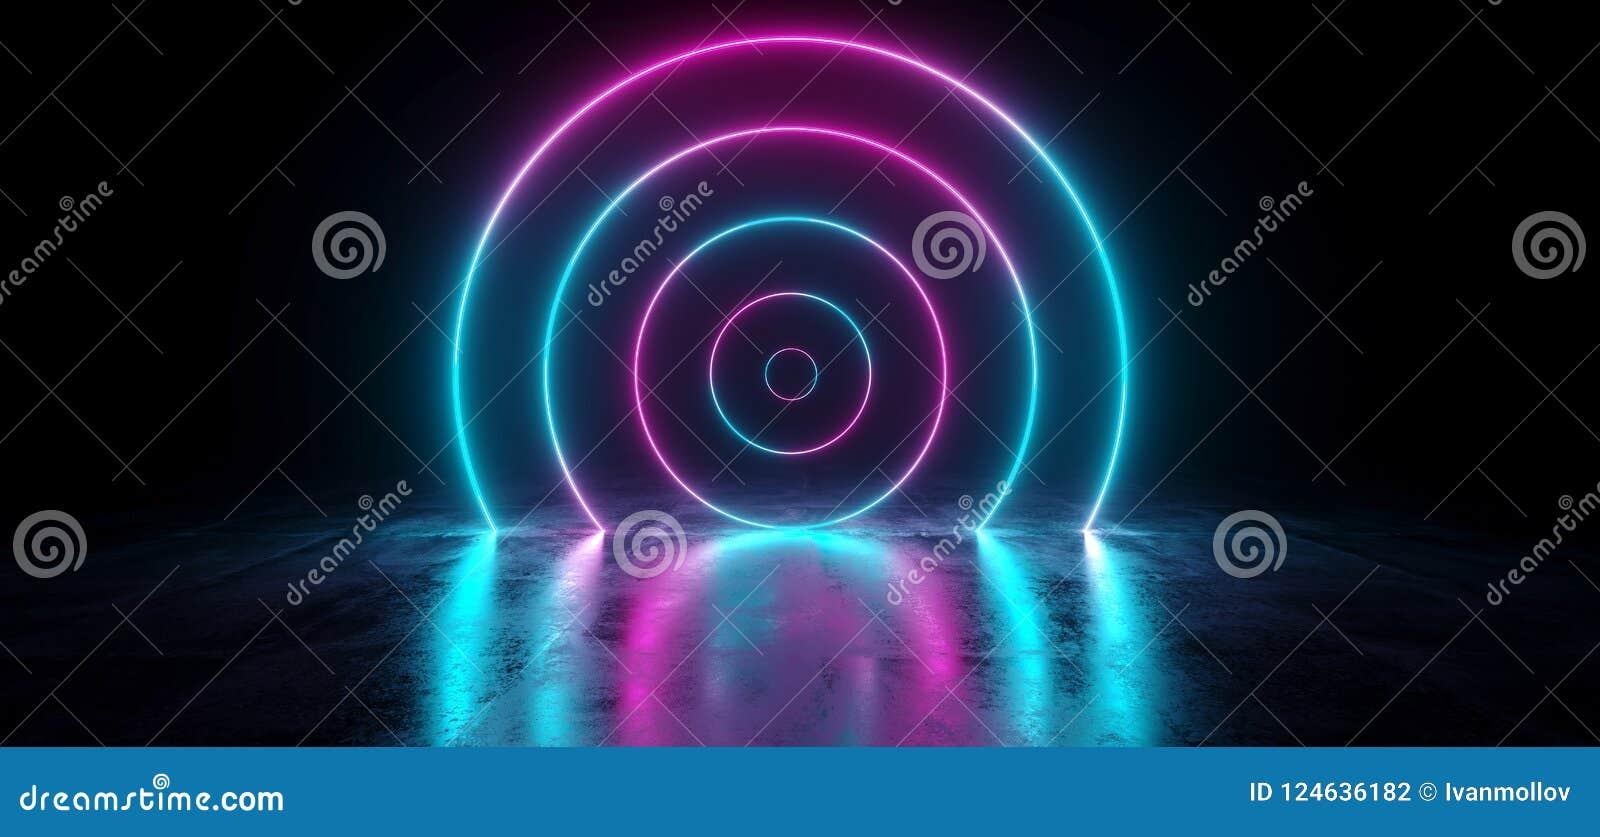 Gradient abstrait futuriste Glowin au néon rose pourpre bleu de la science fiction